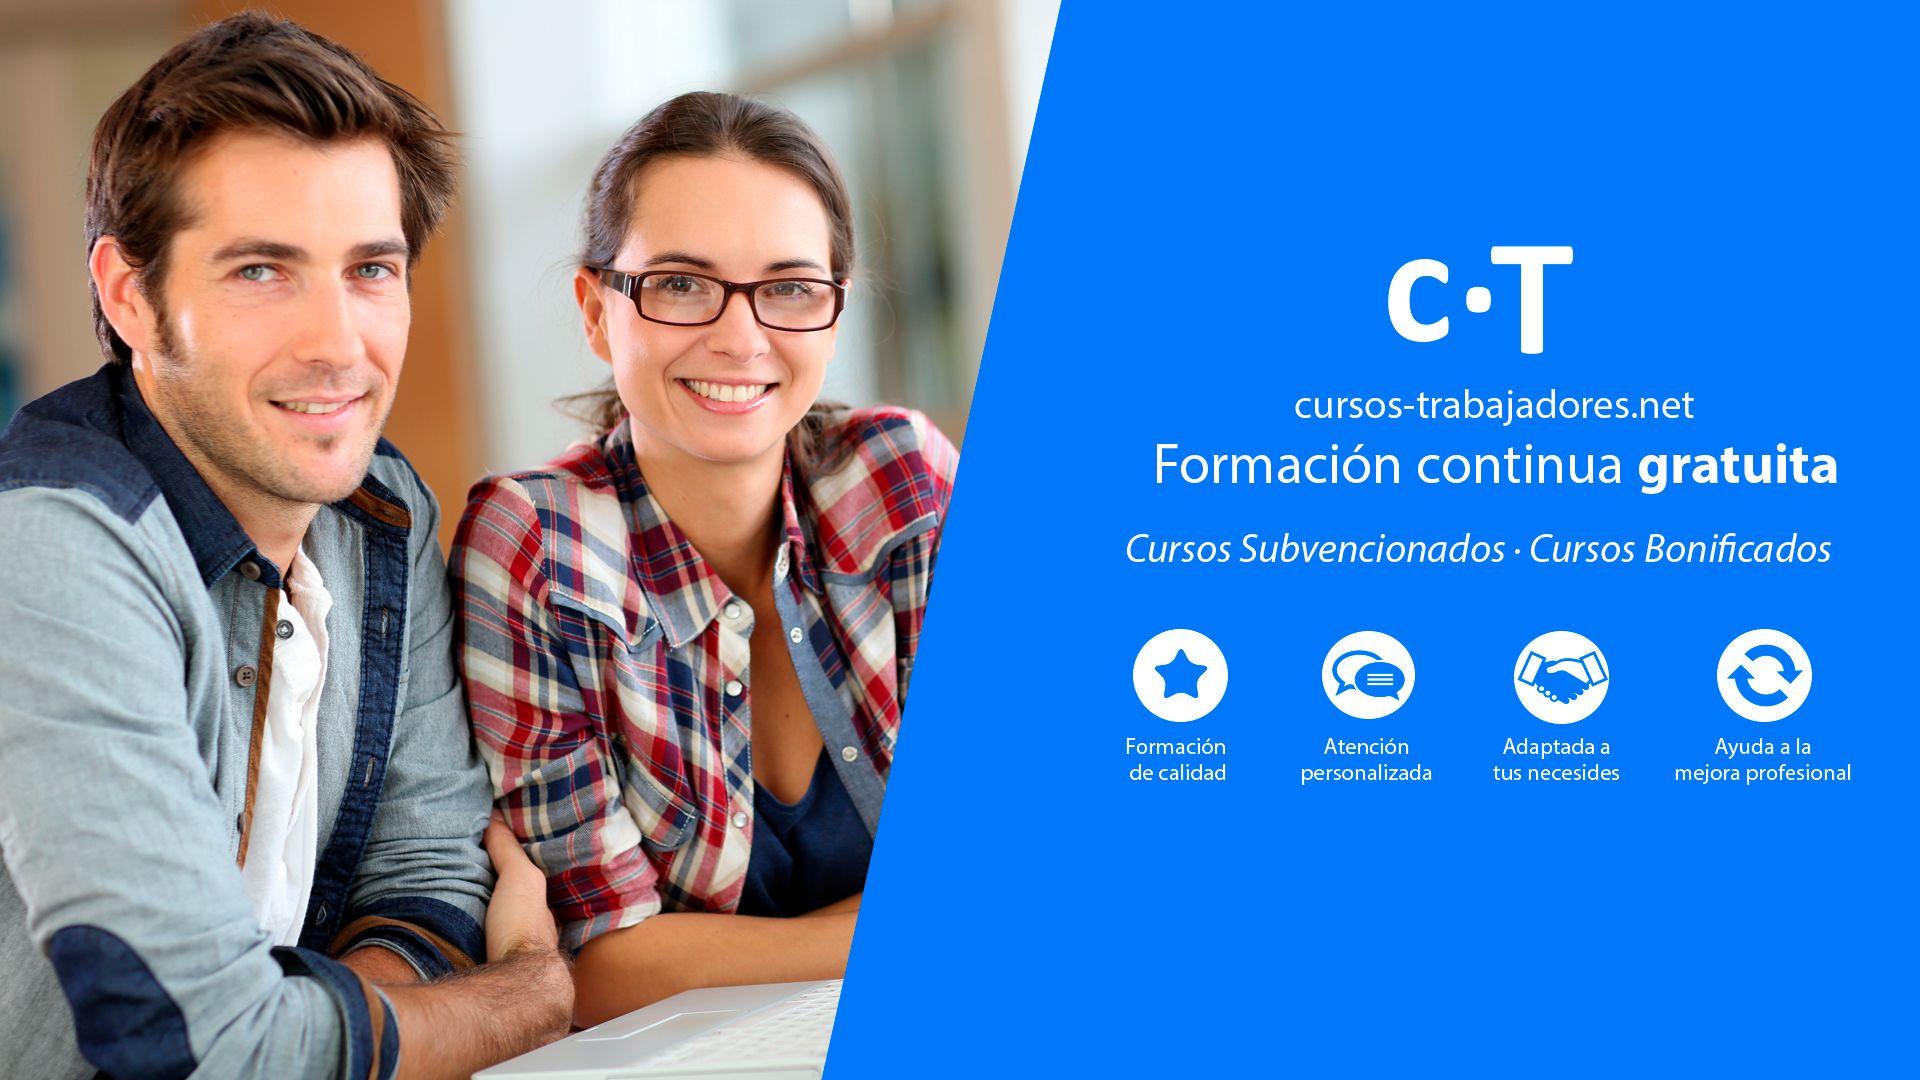 Cursos Gratis Para Desempleados Madrid 2020 Consigue Trabajo